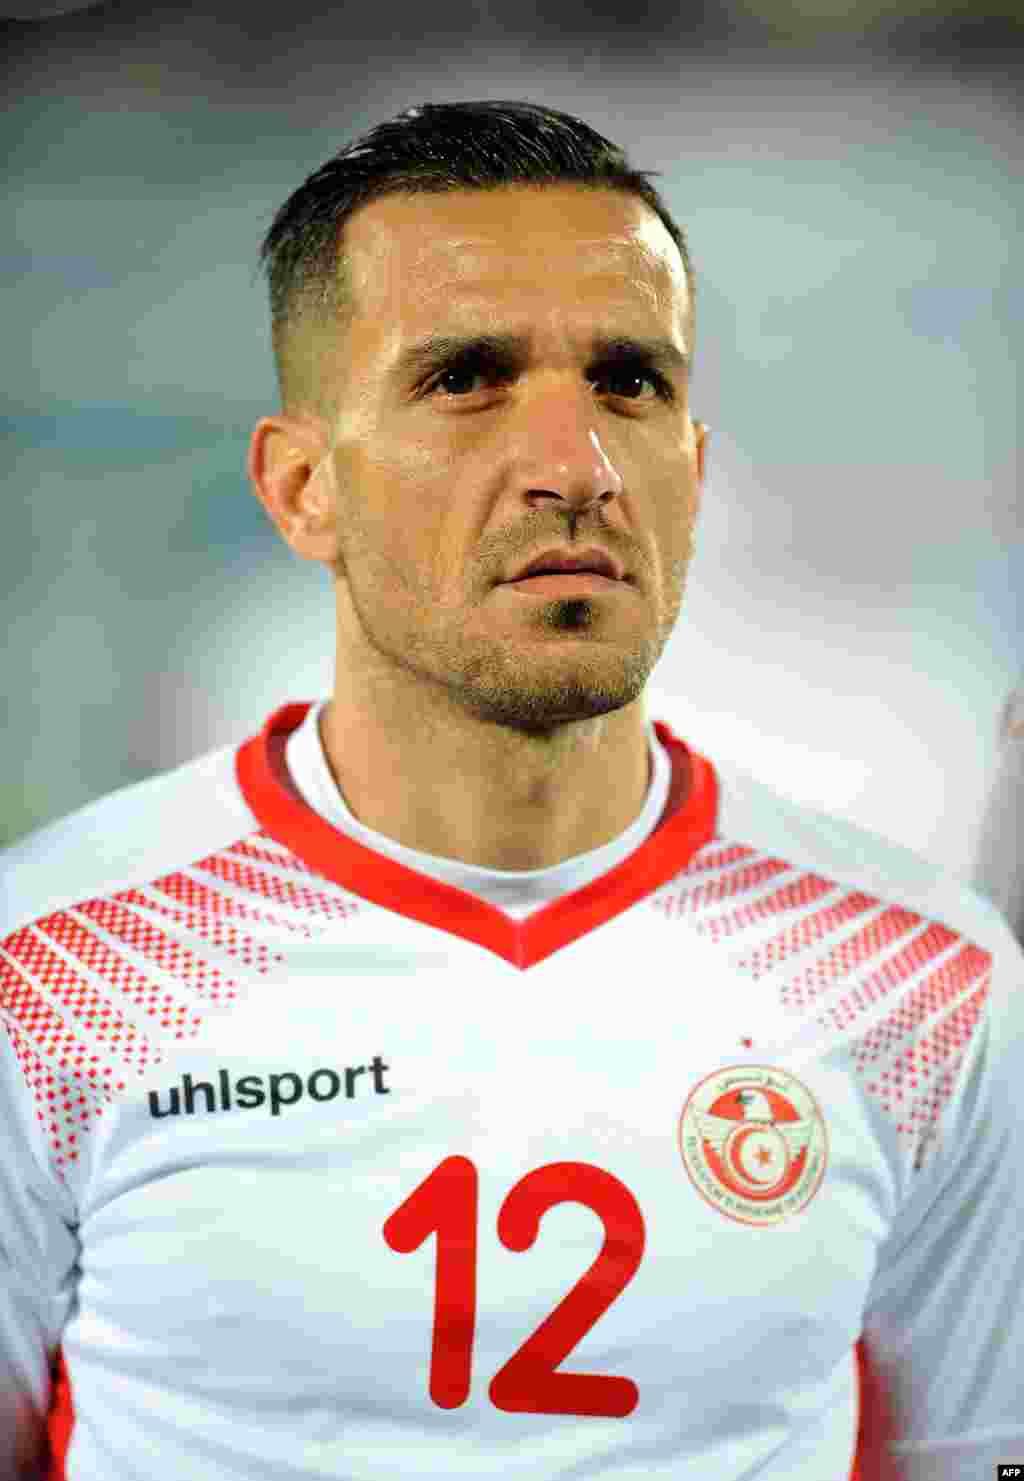 Le défenseur tunisien Ali Maaloul lors d'un match amical entre la Tunisie et le Cameroun le 24 mars 2017 au stade Ben Jannet à Monastir.